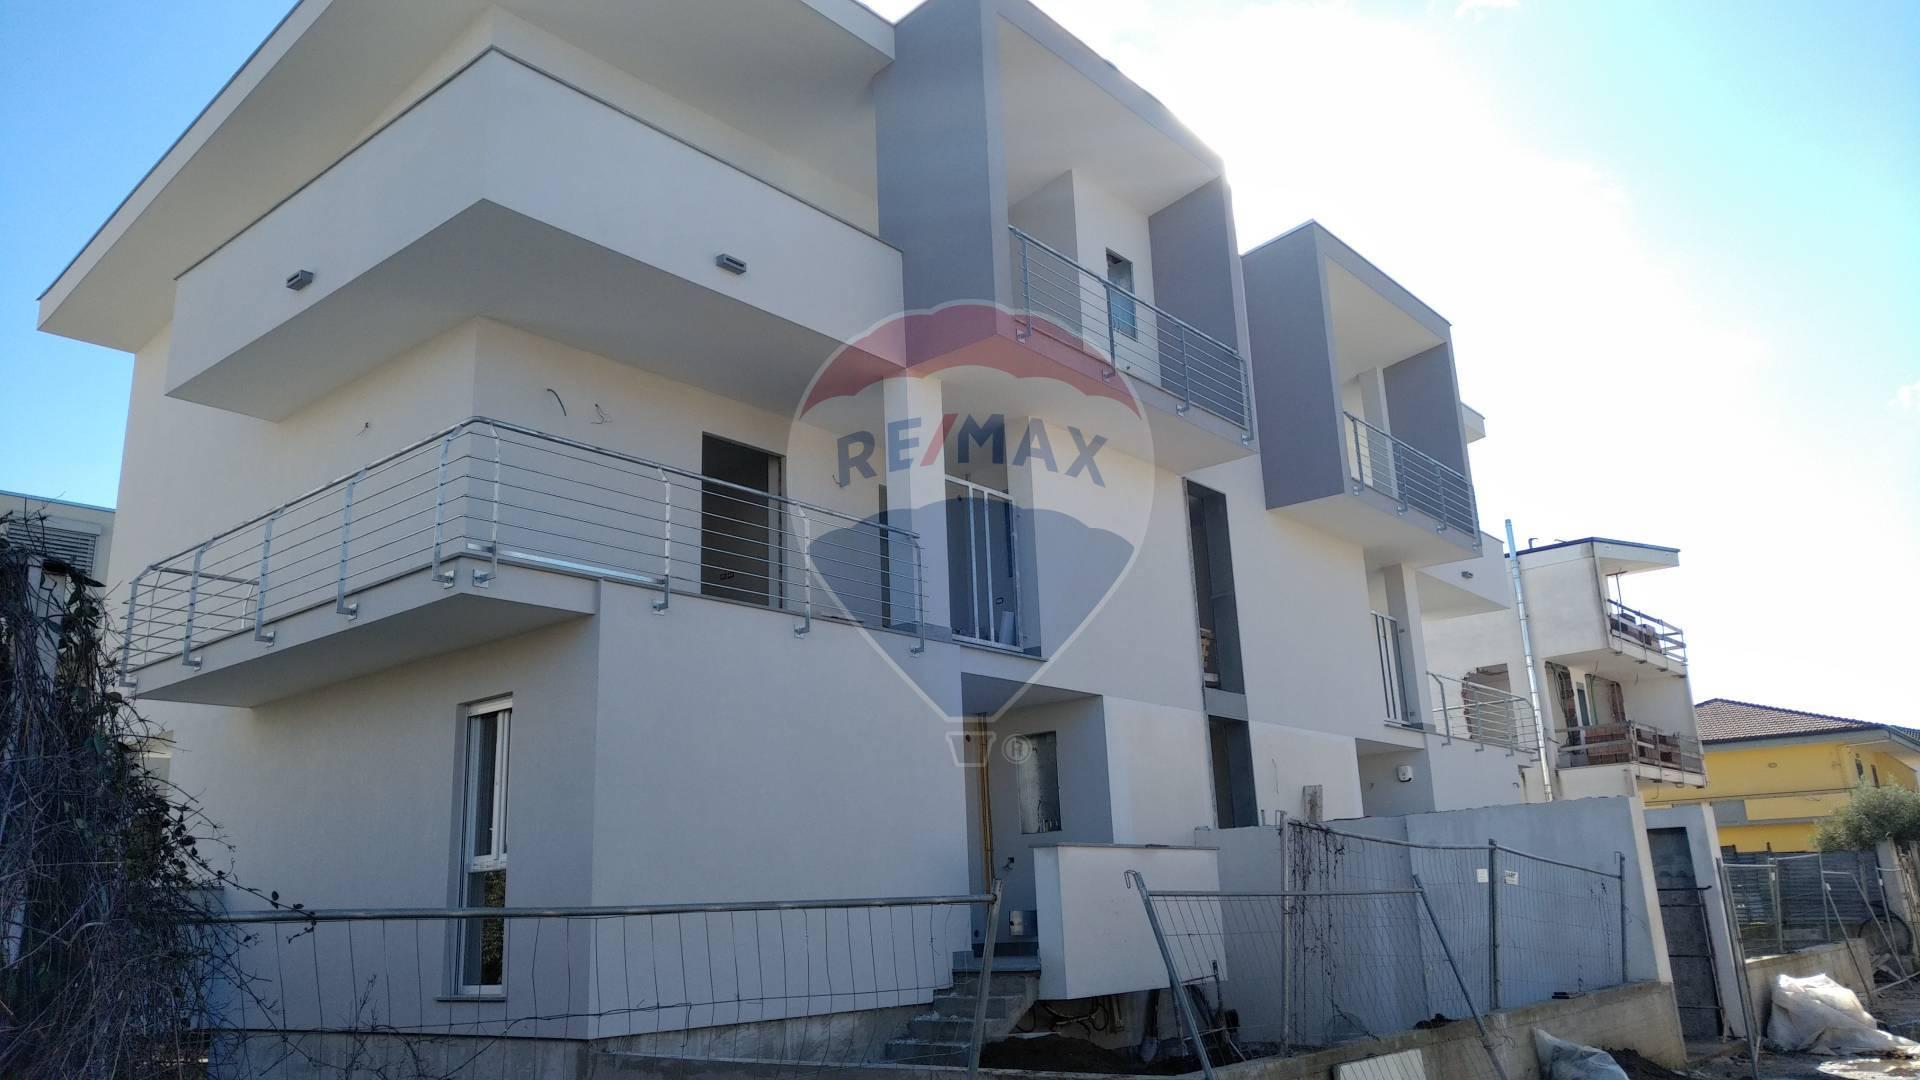 Appartamento in vendita a San Marco Evangelista, 3 locali, prezzo € 124.000 | CambioCasa.it